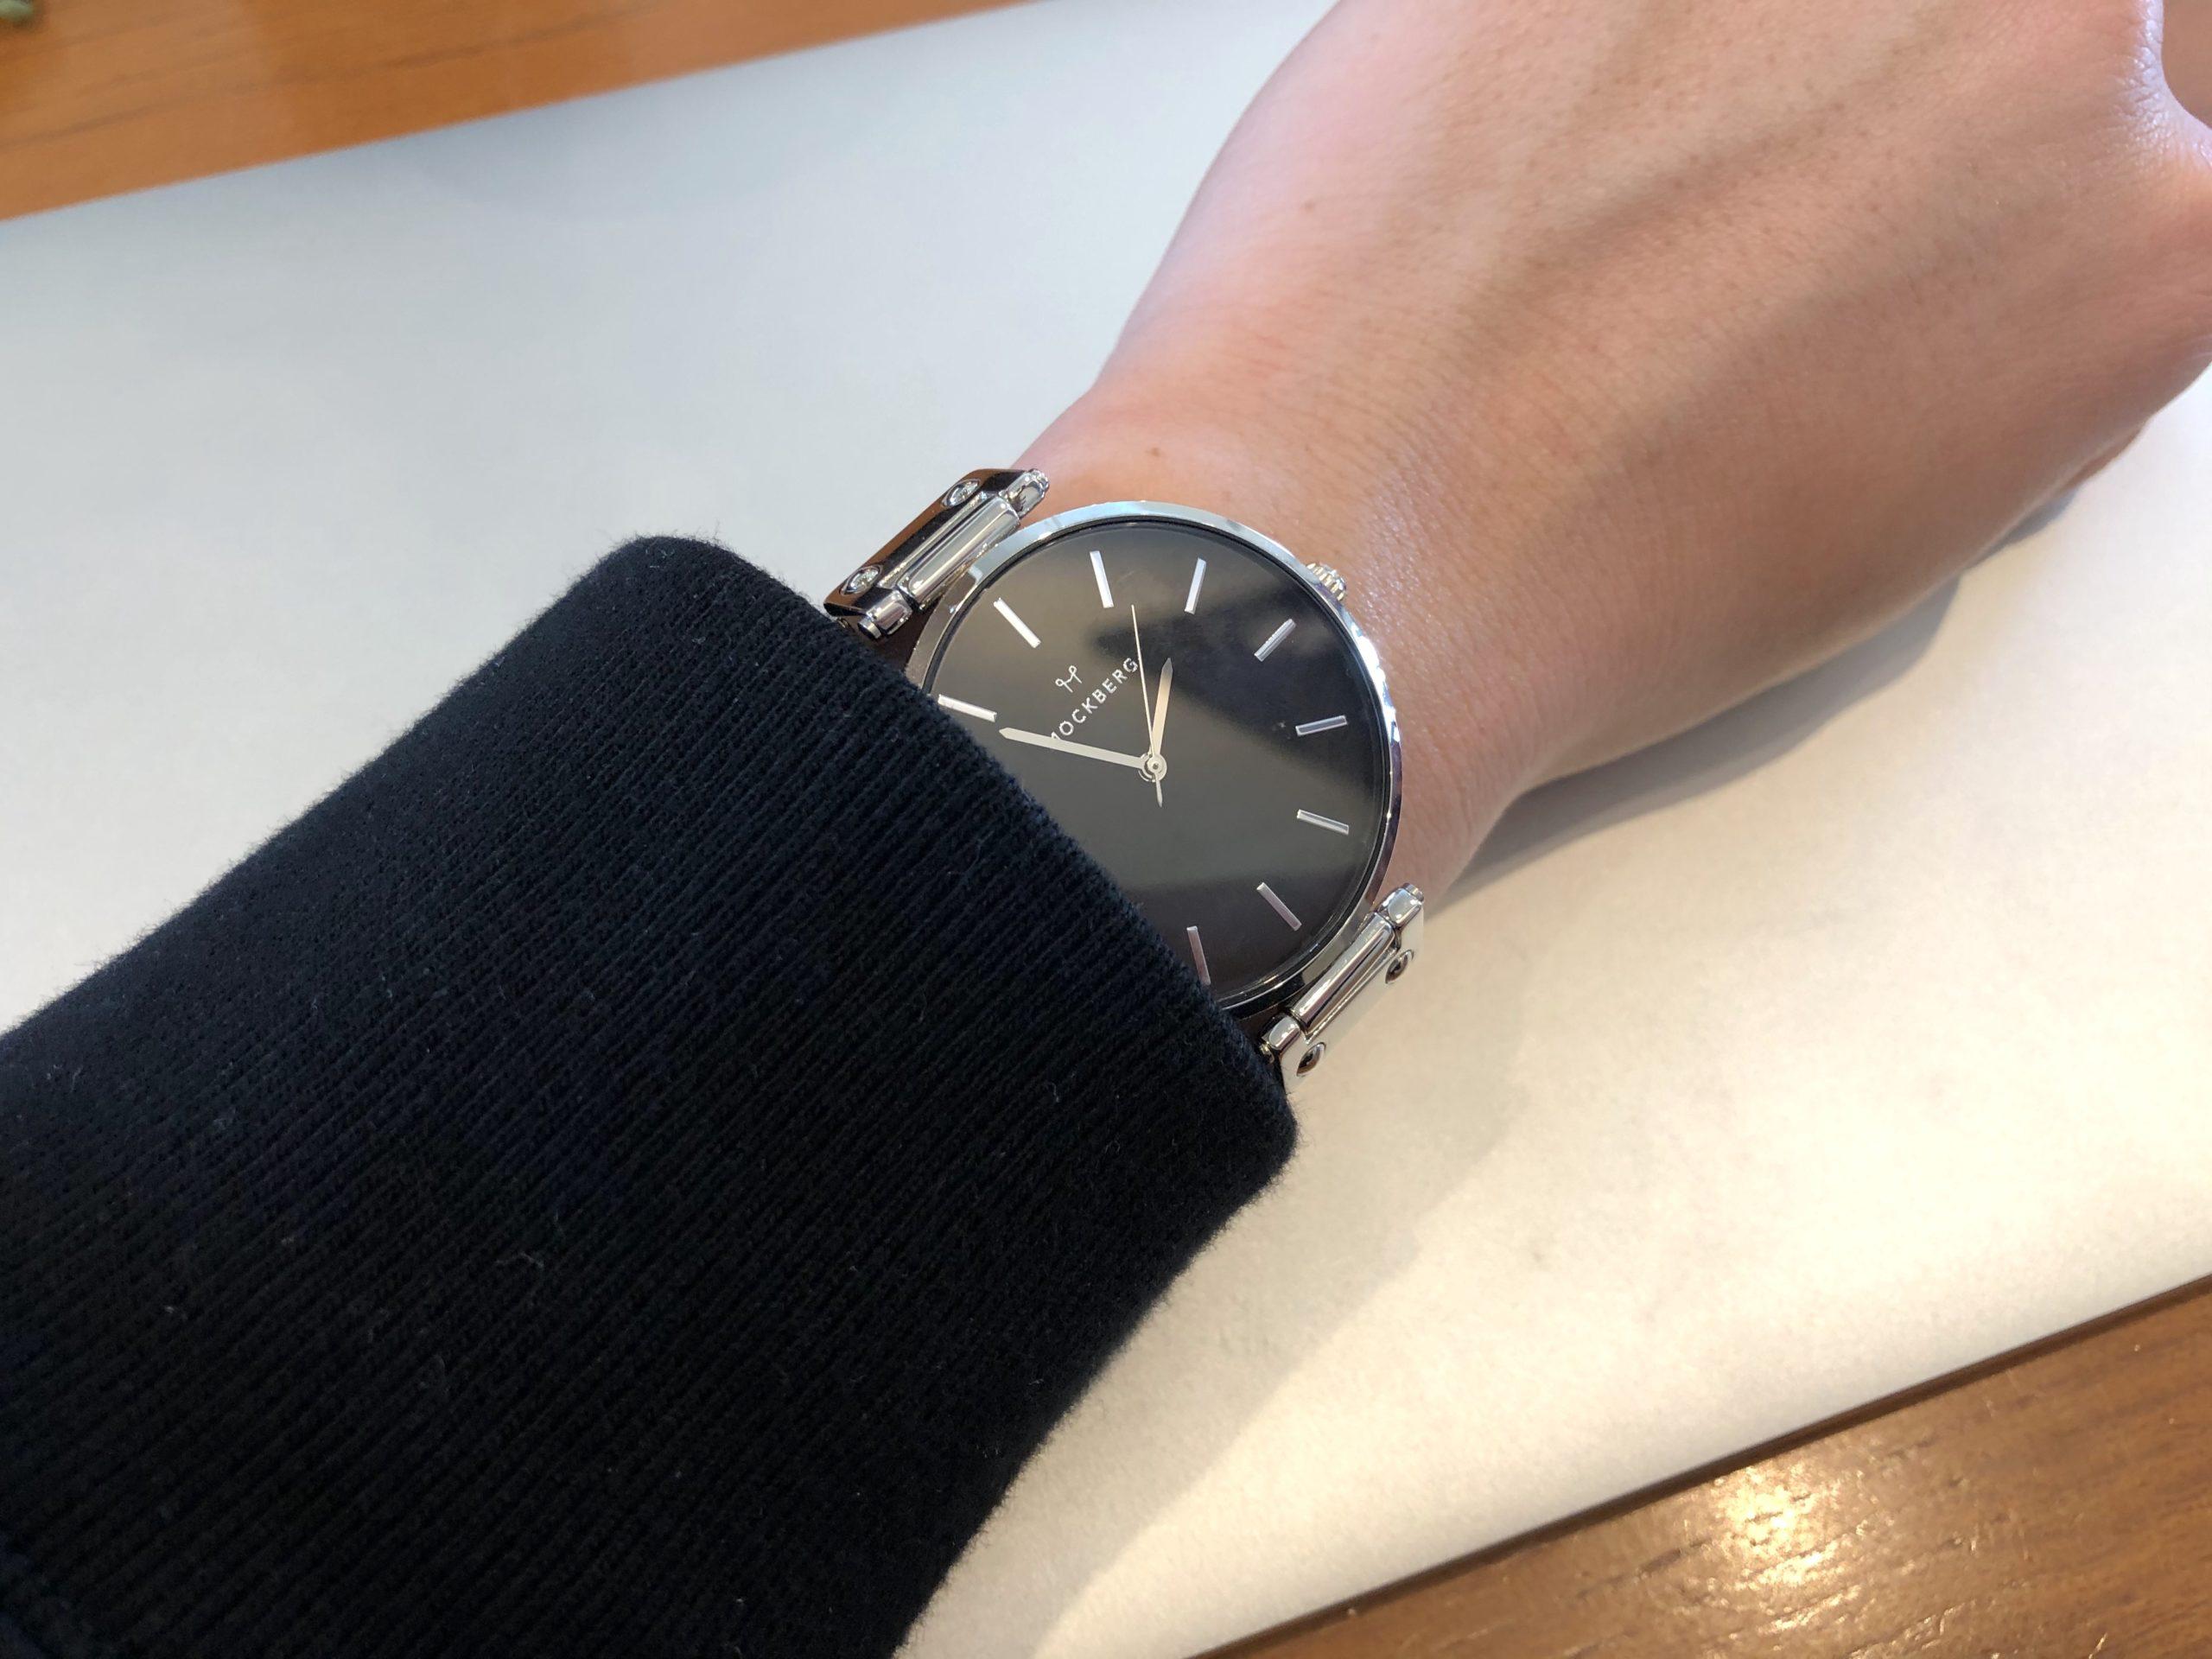 モックバーグの腕時計を私服で使った写真